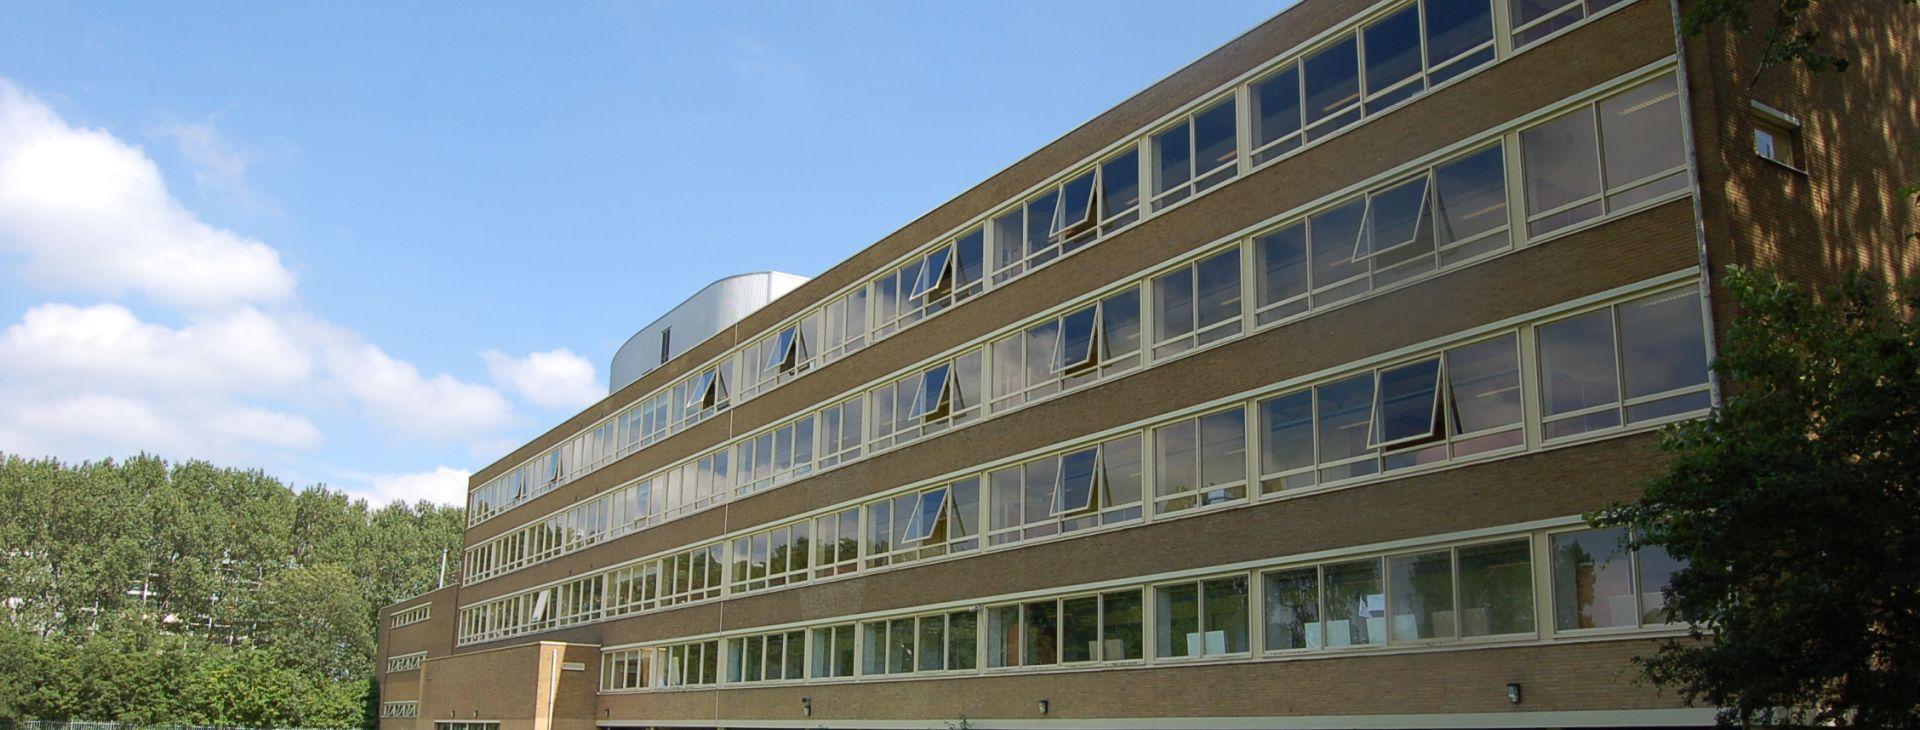 Renovatie Europese School